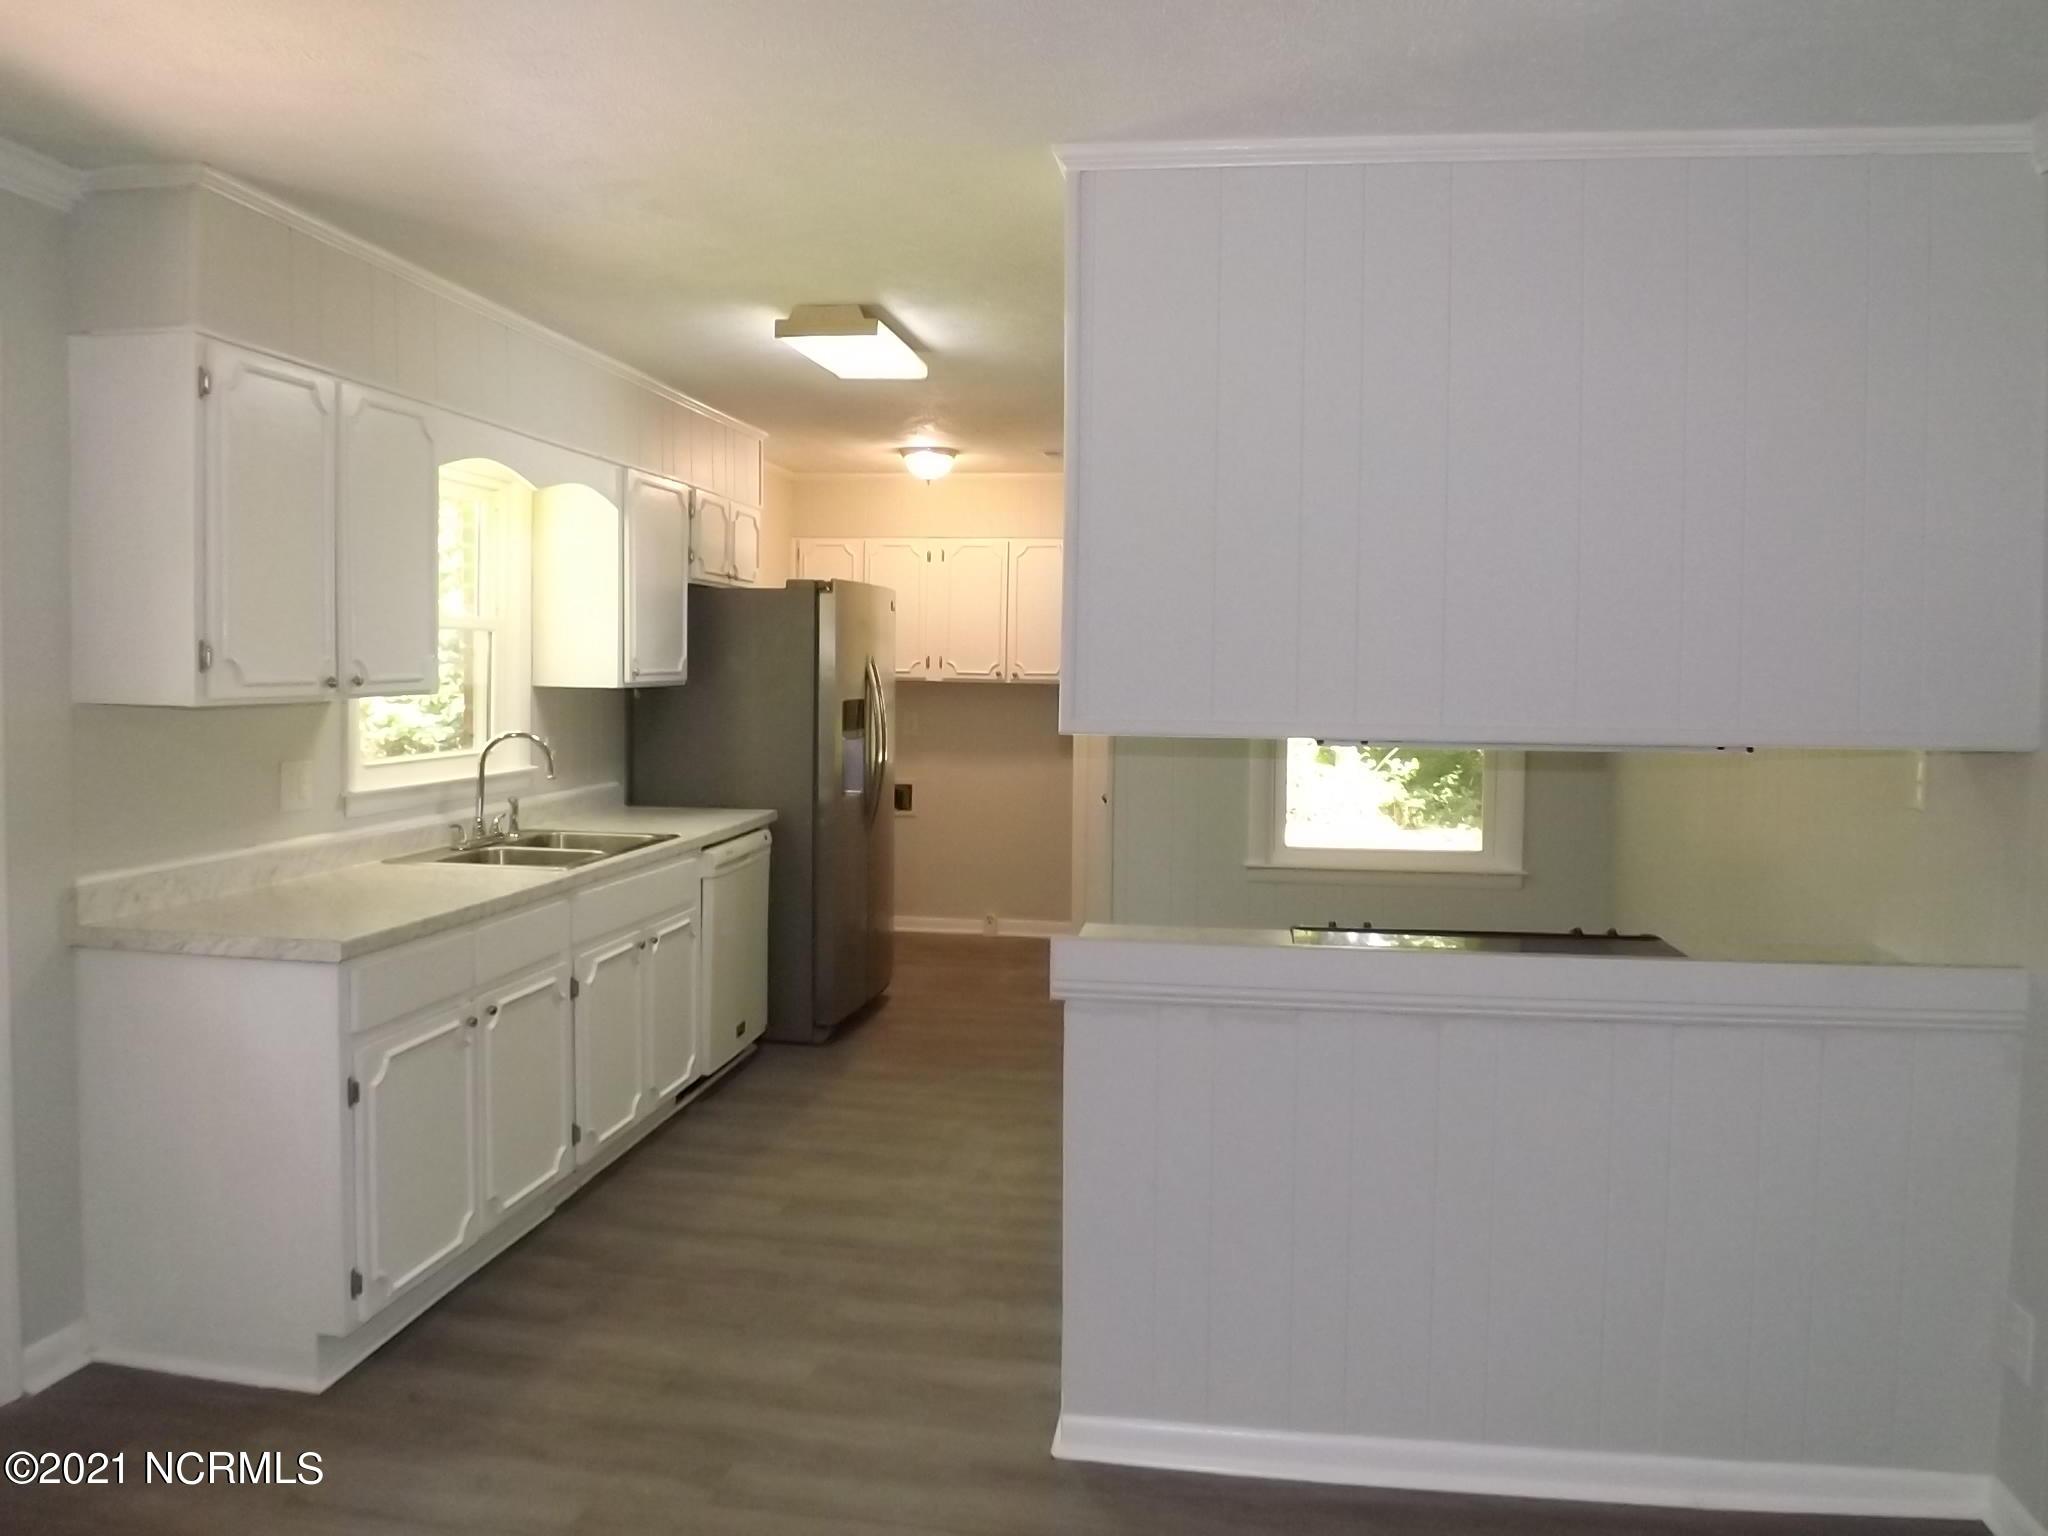 12861 Debra Drive, Laurinburg, North Carolina 28352, 3 Bedrooms Bedrooms, 6 Rooms Rooms,2 BathroomsBathrooms,Single family residence,For sale,Debra,100278403